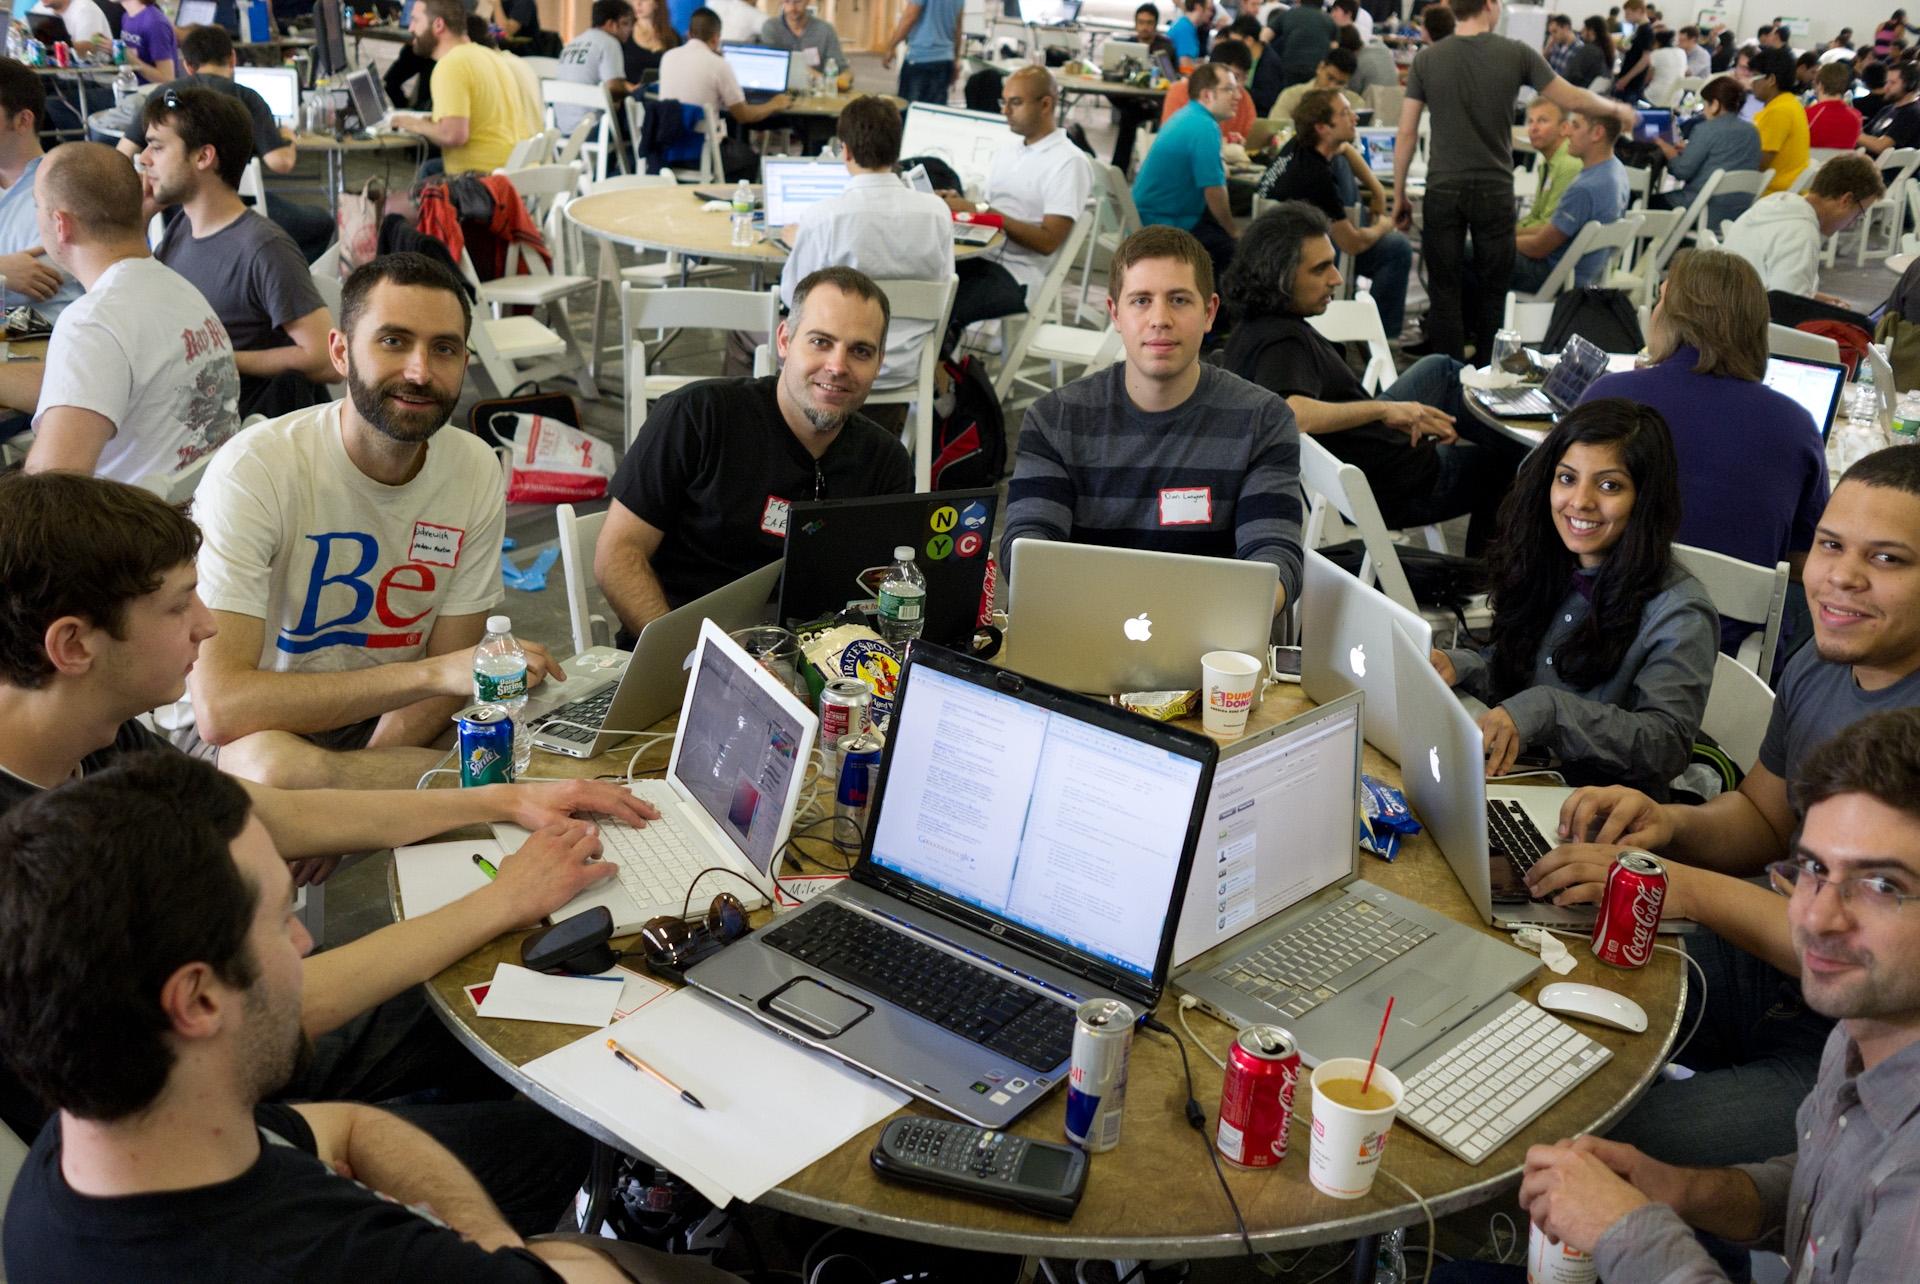 In arrivo HackCortona, sfida a colpi di creatività e innovazione